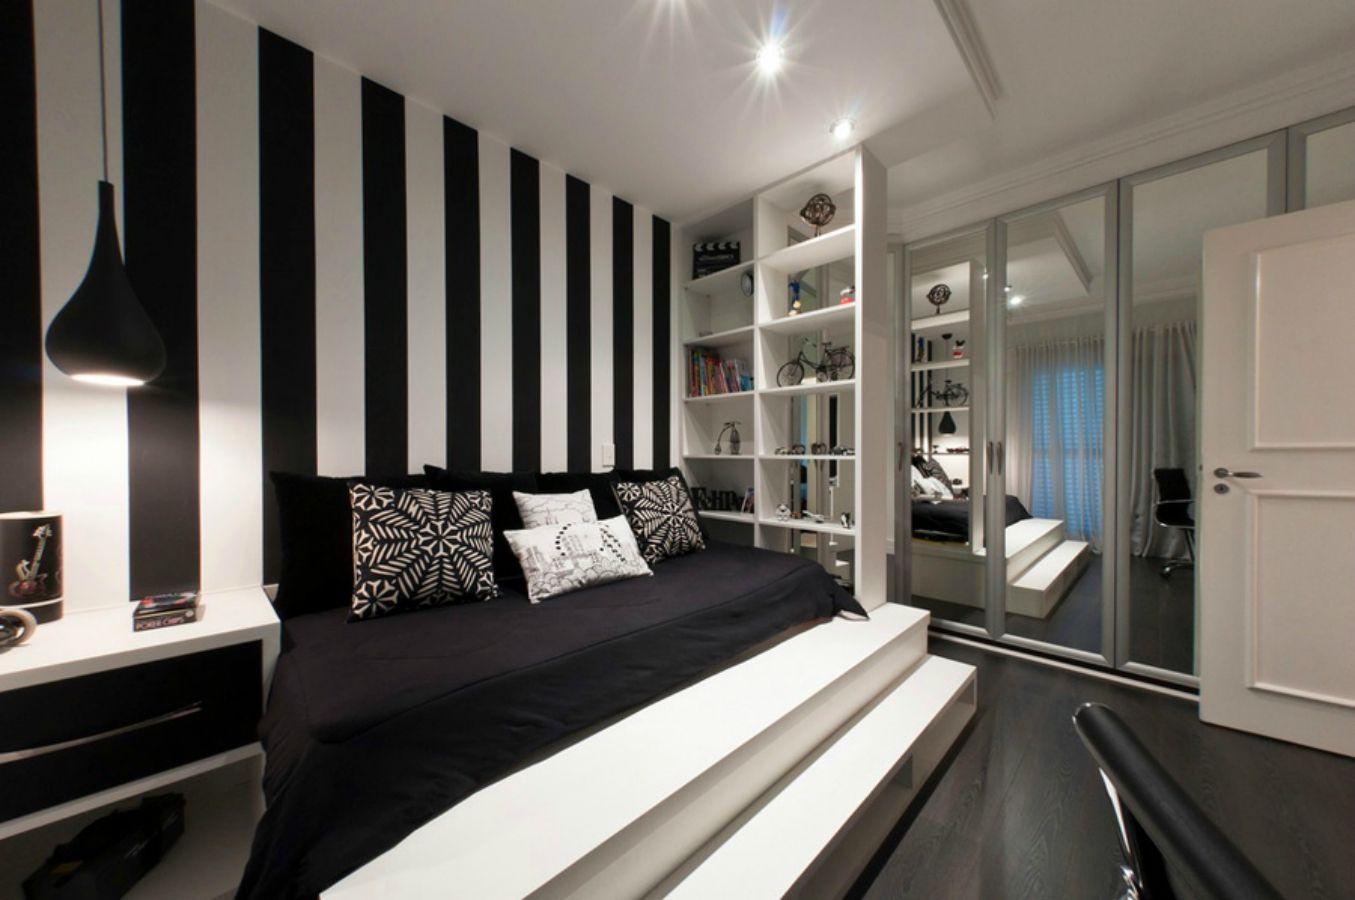 6-black-white-bedroom-platform-bed